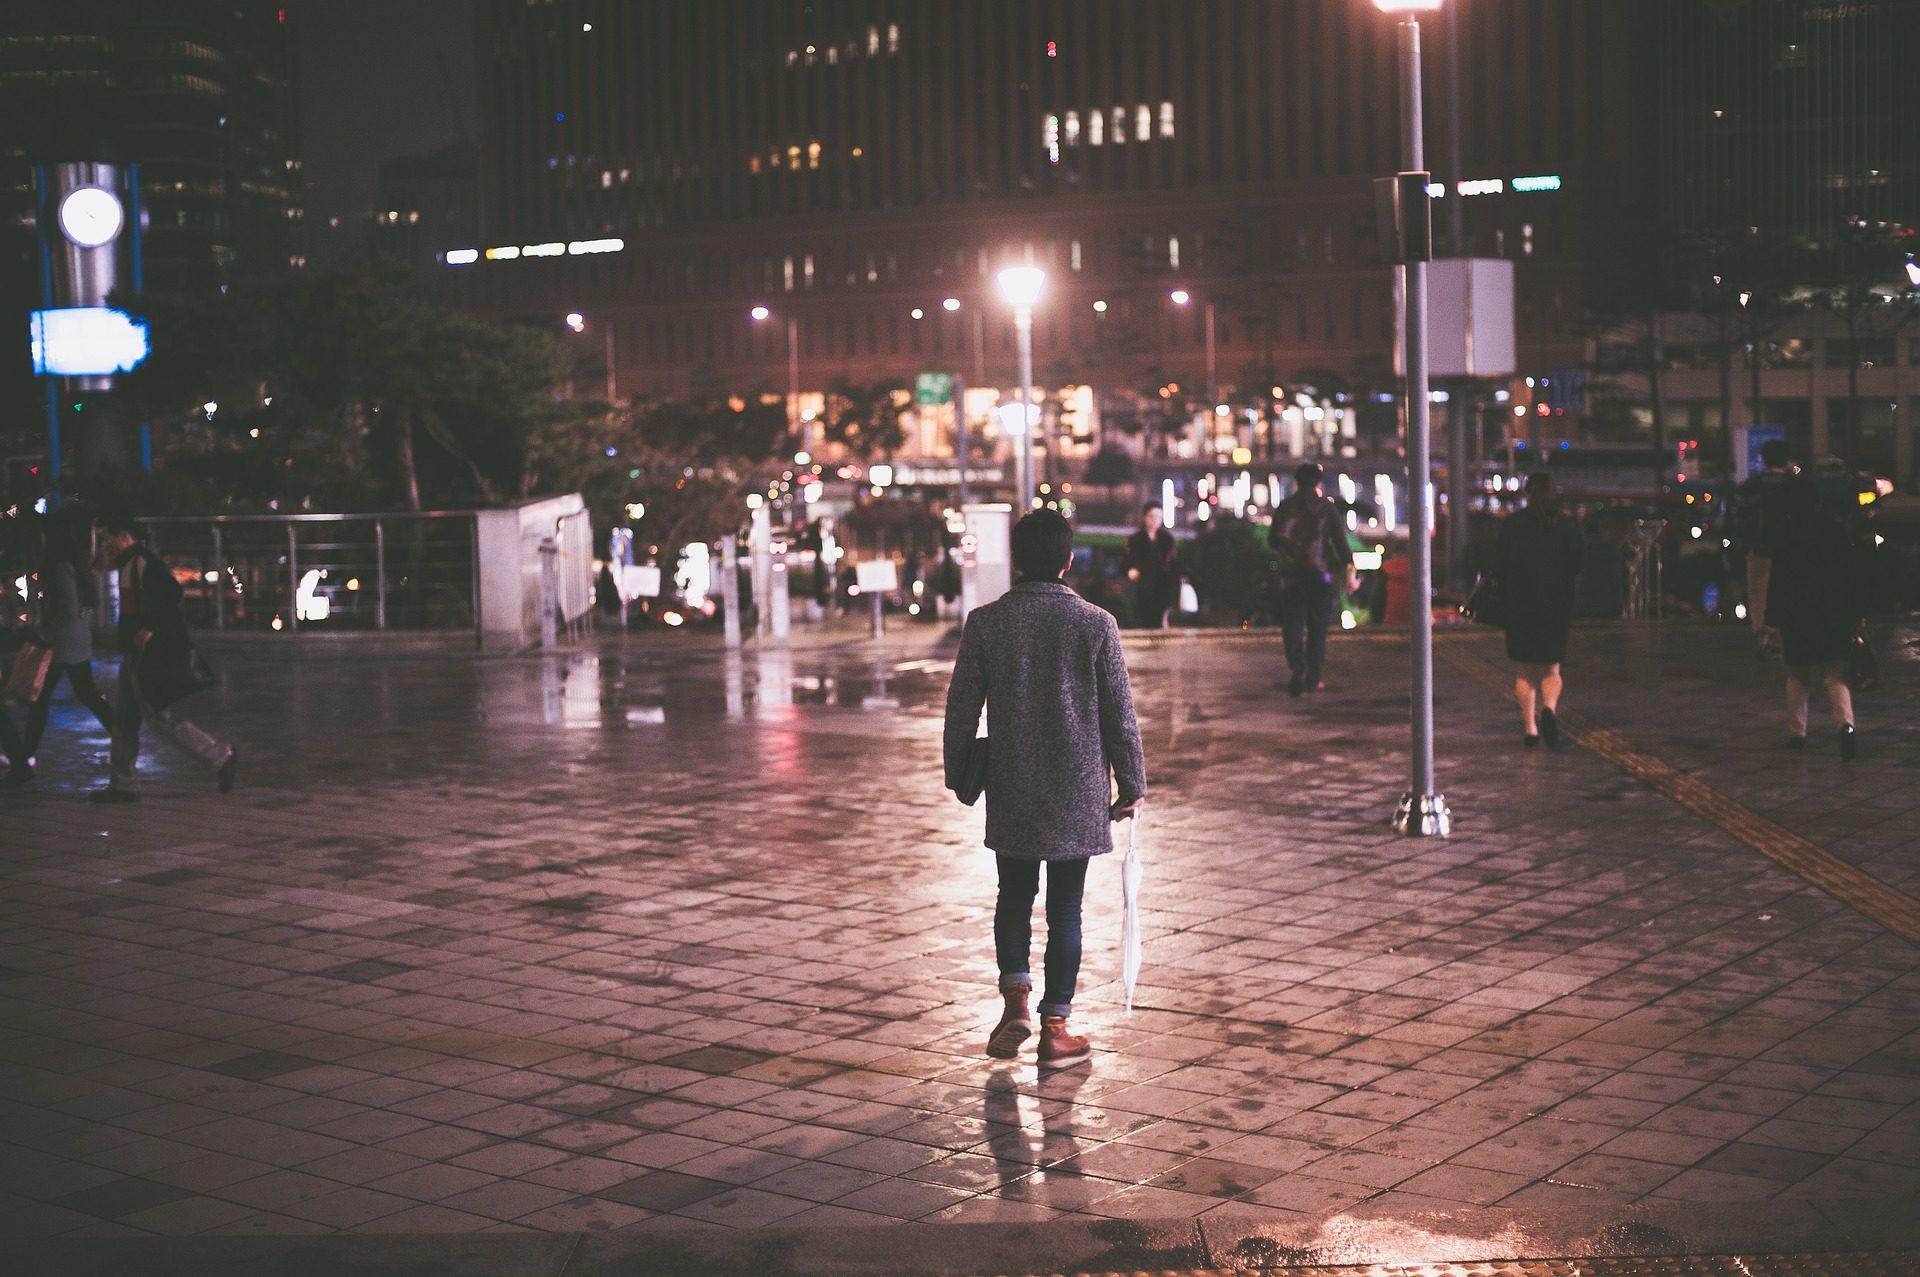 市, 夜, ストリート, 人, ライト, 街灯, 建物 - HD の壁紙 - 教授-falken.com